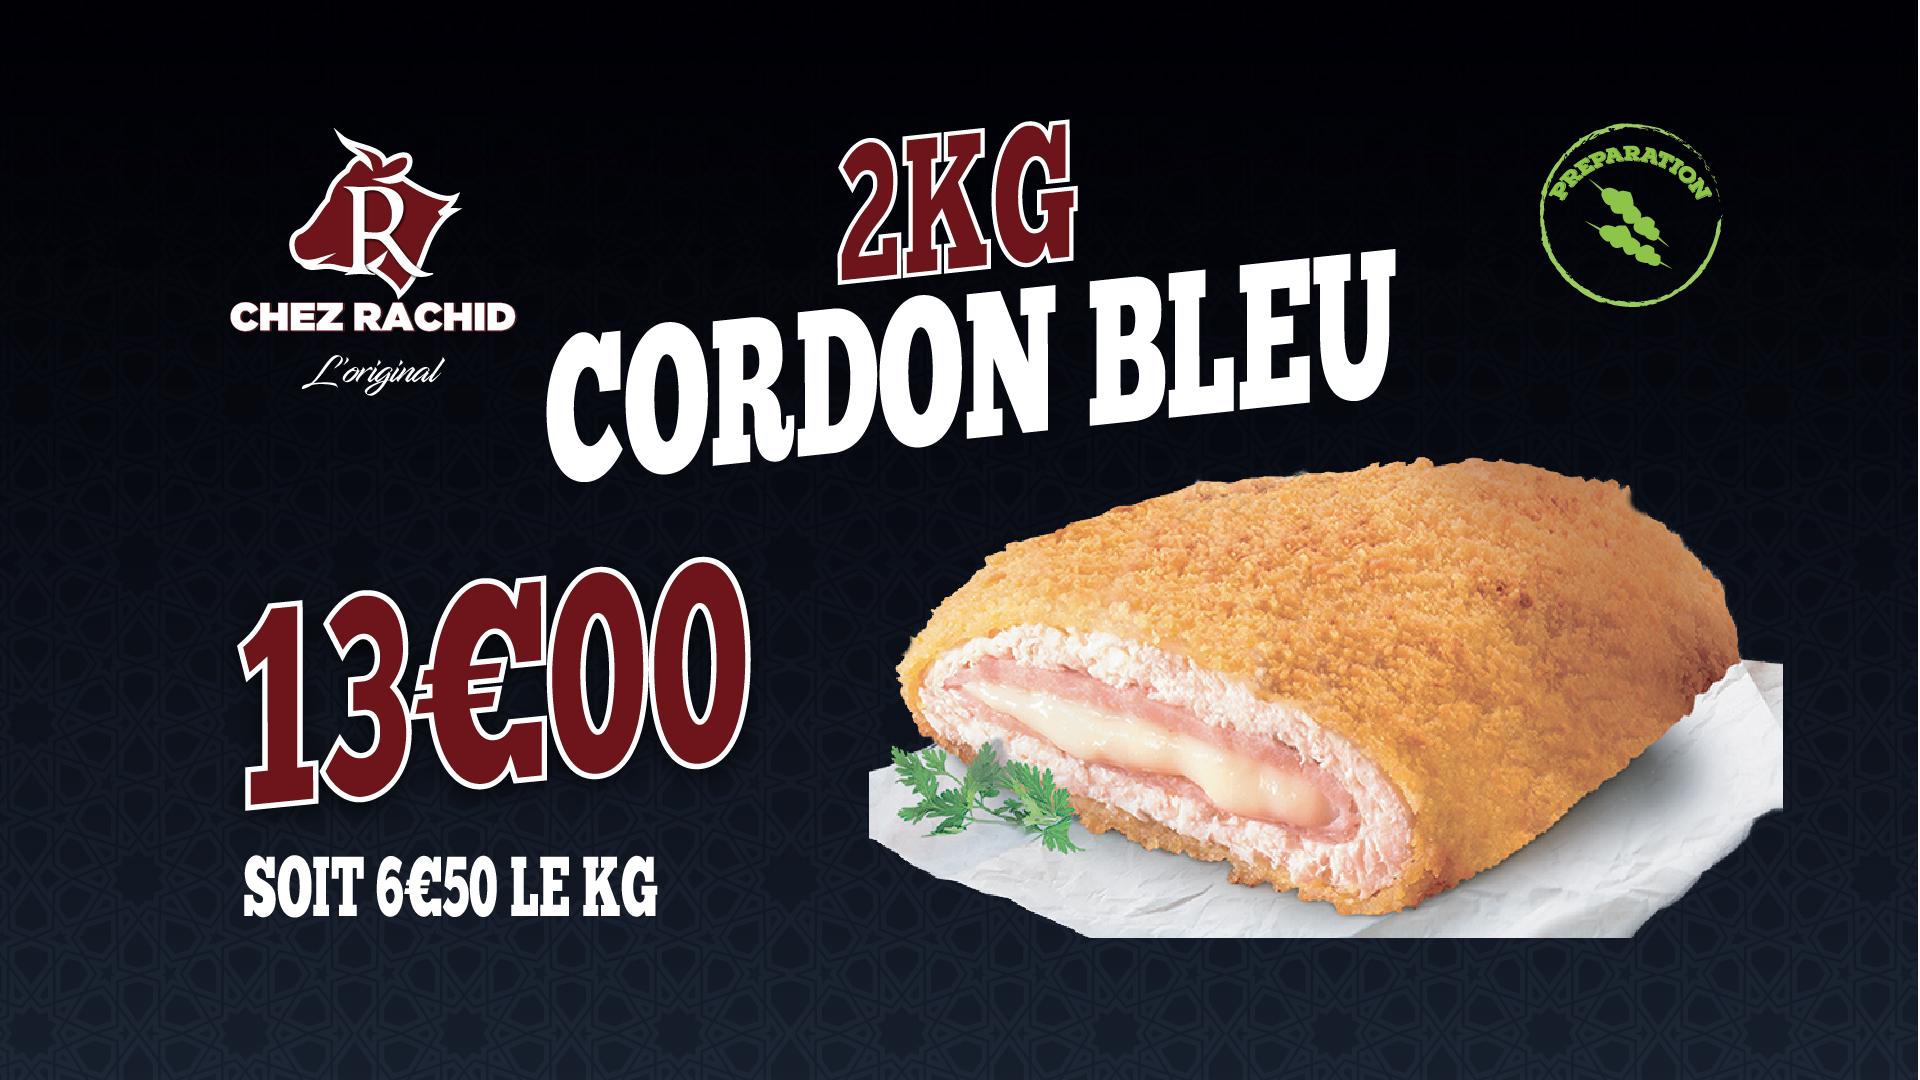 2KG Cordon bleu